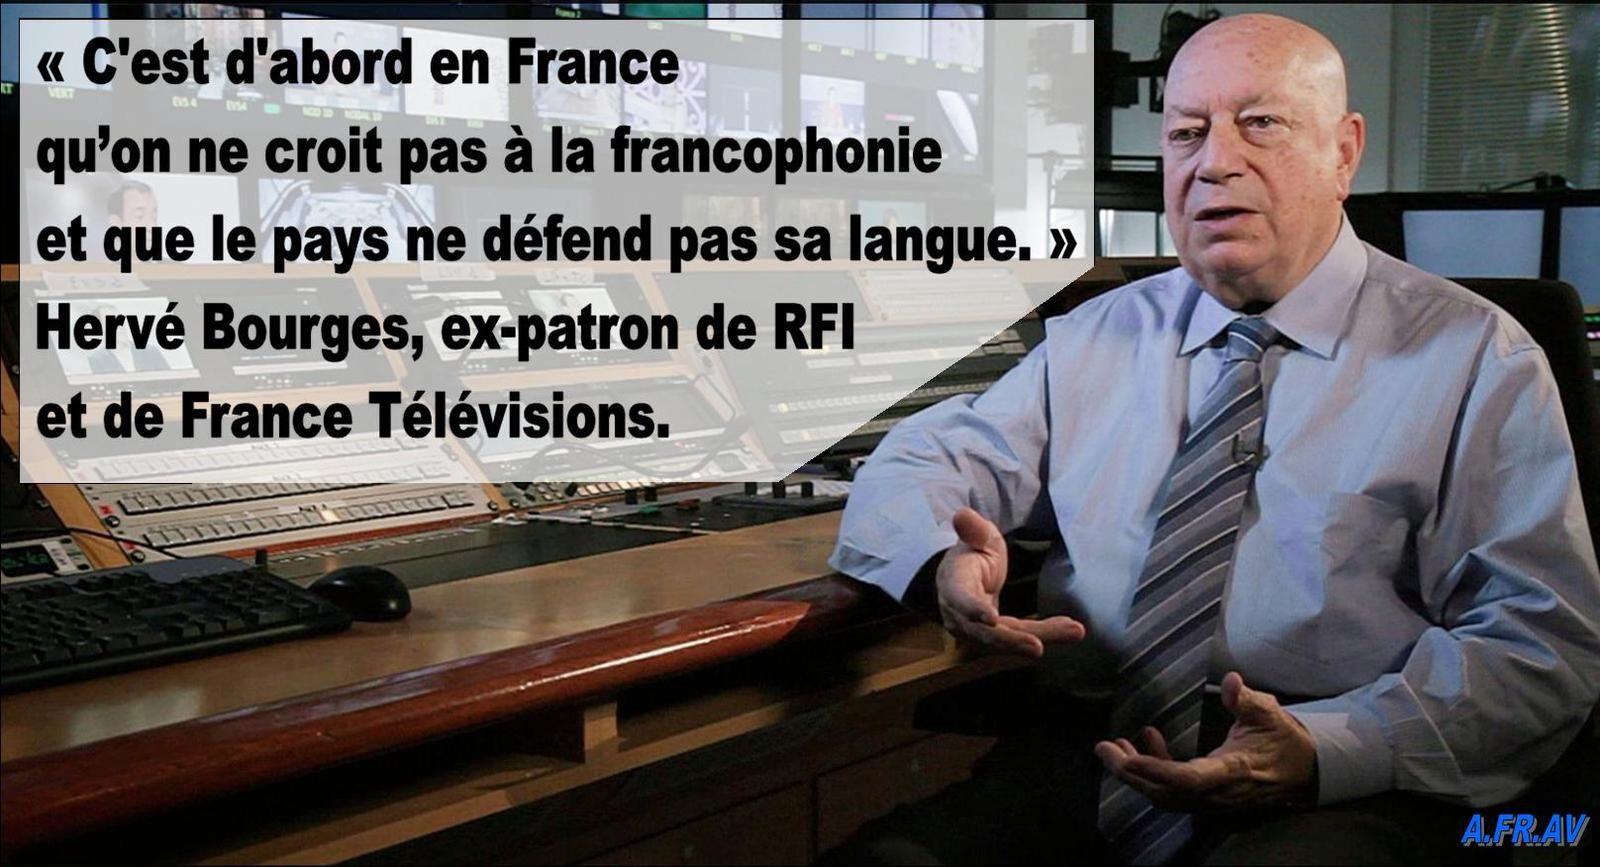 …eh bien Paris est dessaisi du français…ce souillon patachon n'a plus le droit d'en parler…